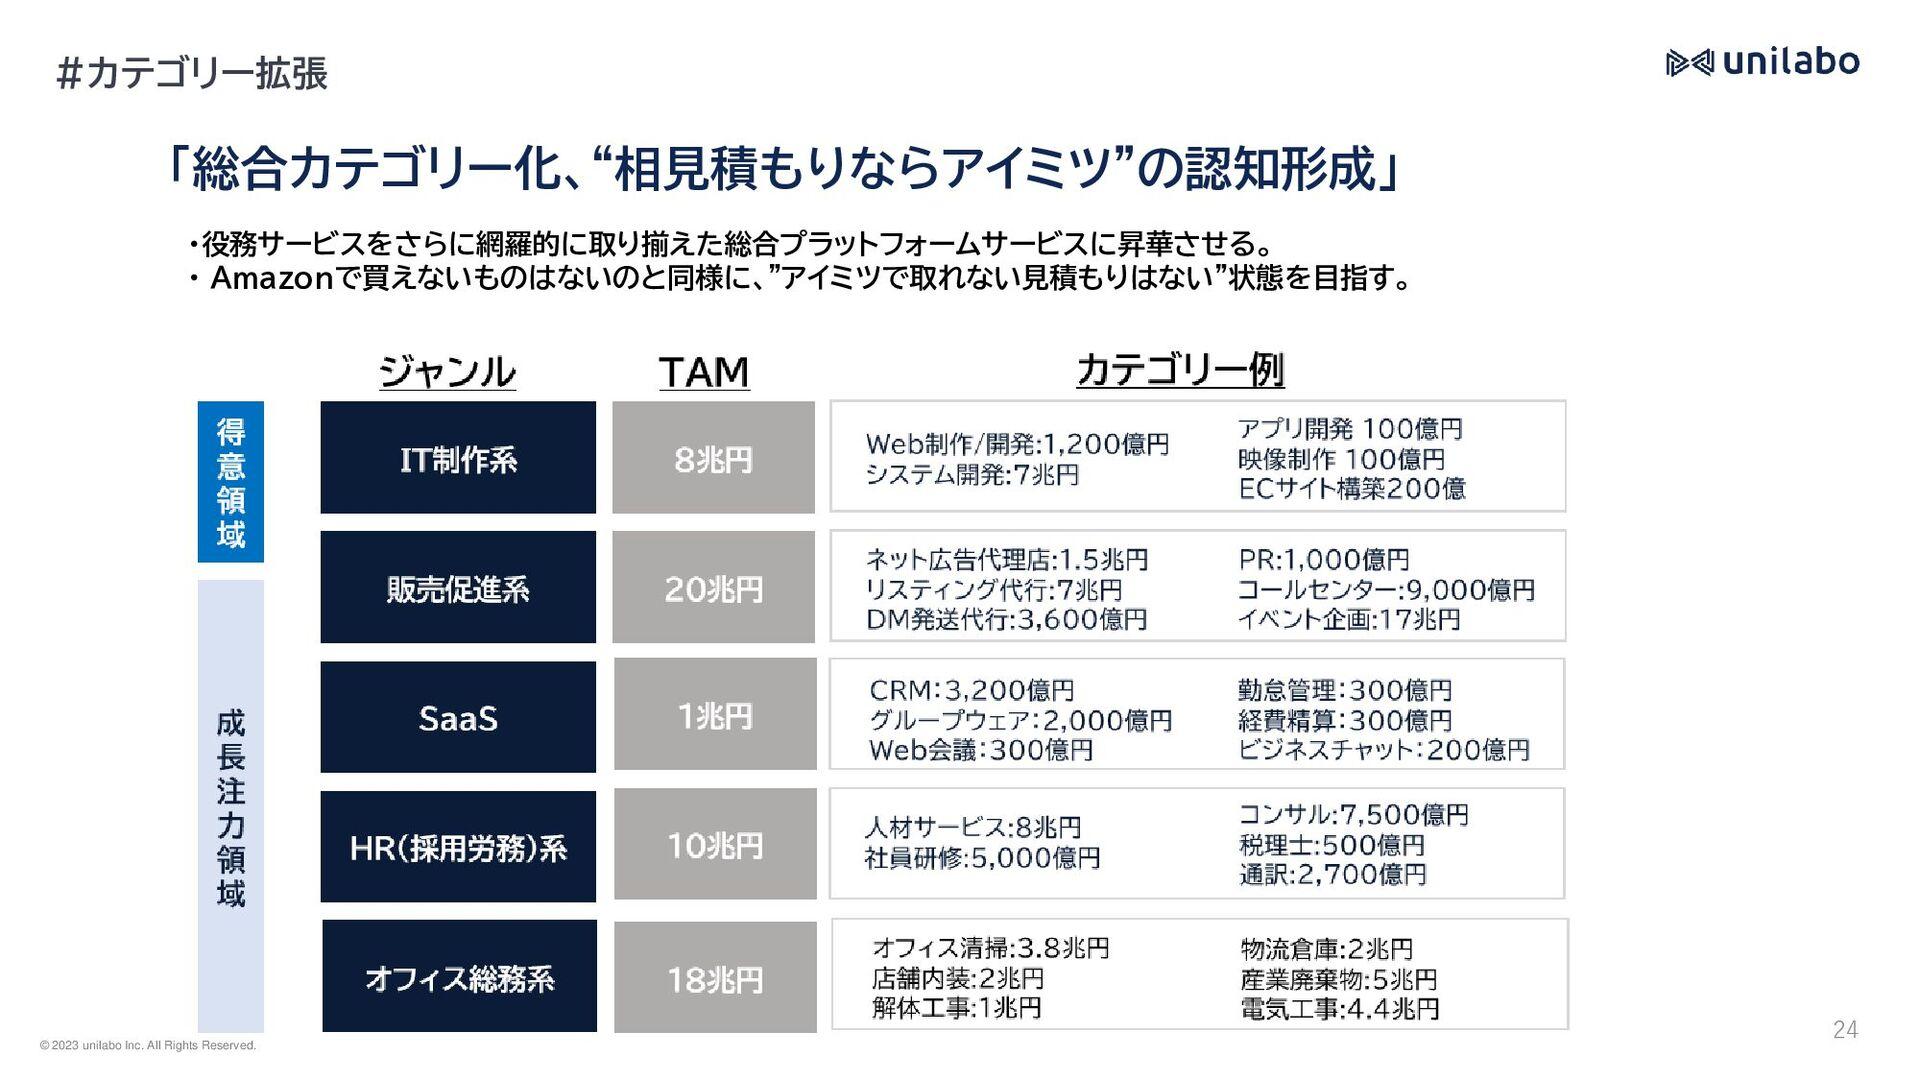 2003年に三井住友銀行を経て株式会社ディー・エヌ・ エー(DeNA)に入社。DeNAではEC...